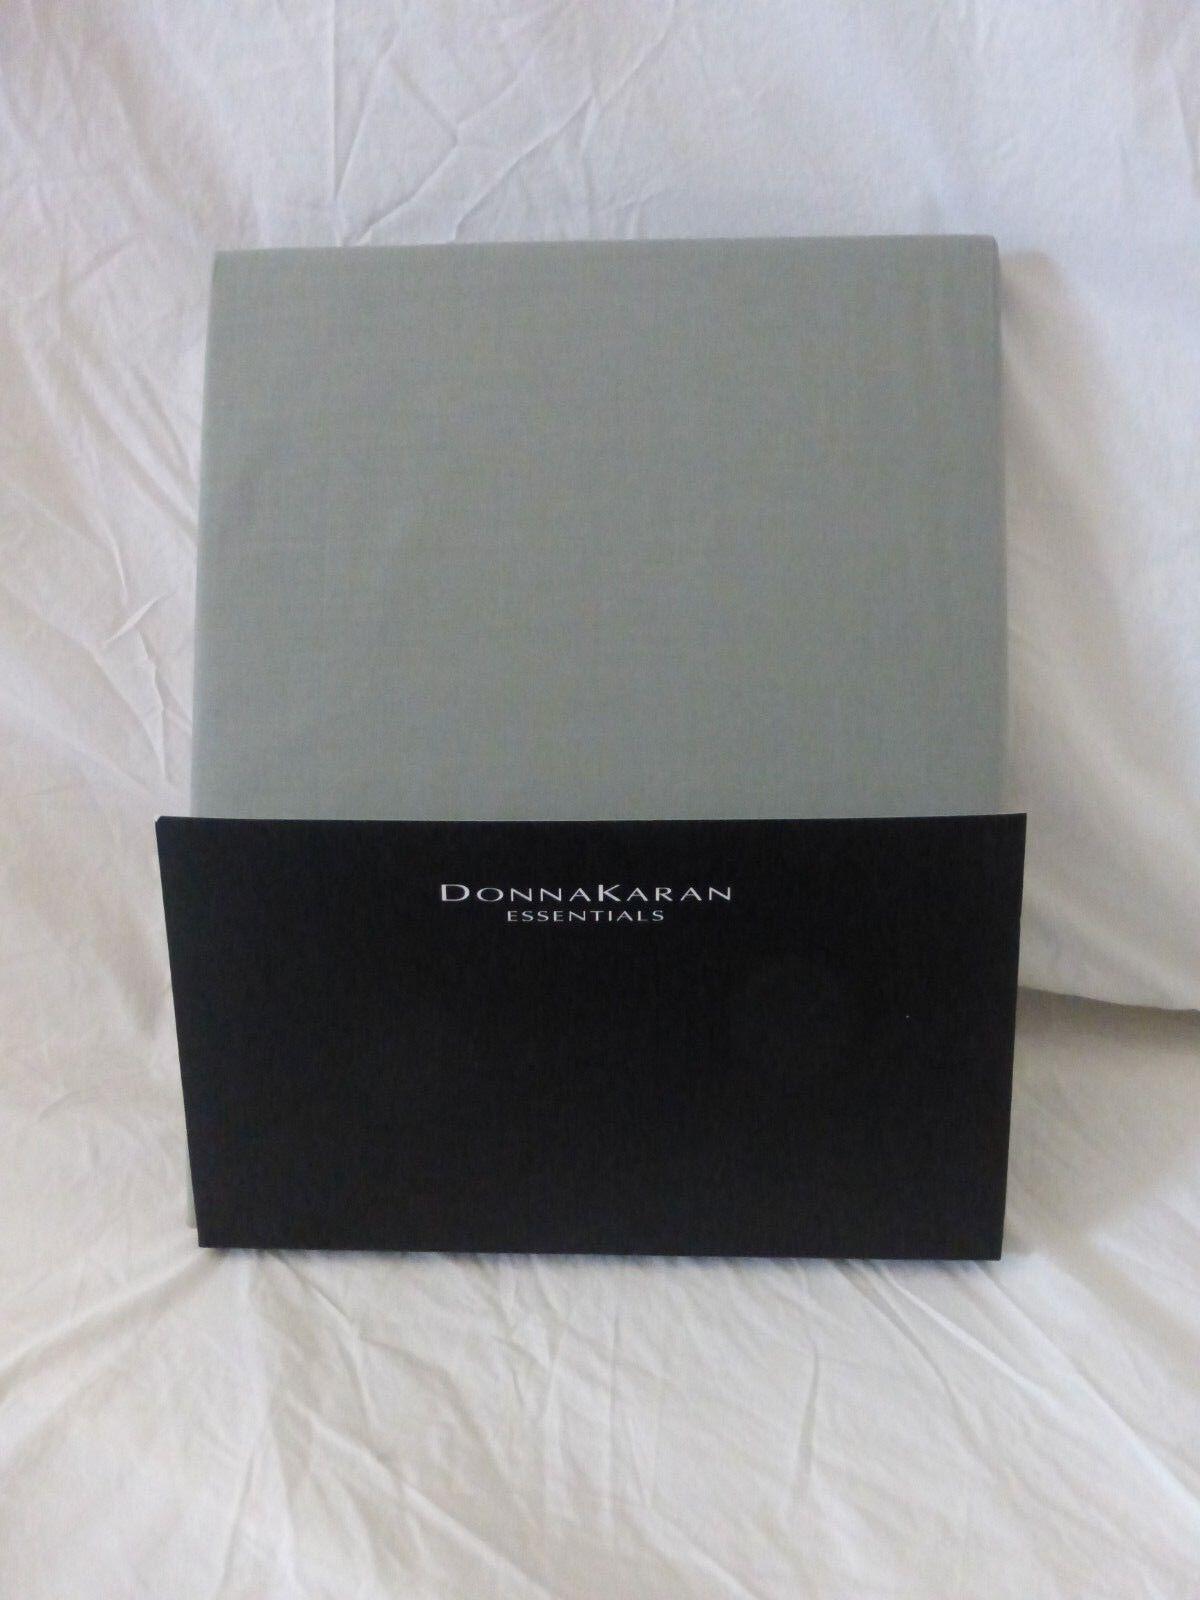 women Karan Essentials Twlight Classics & Tailored Pleats King Bedskirt  165 NIP